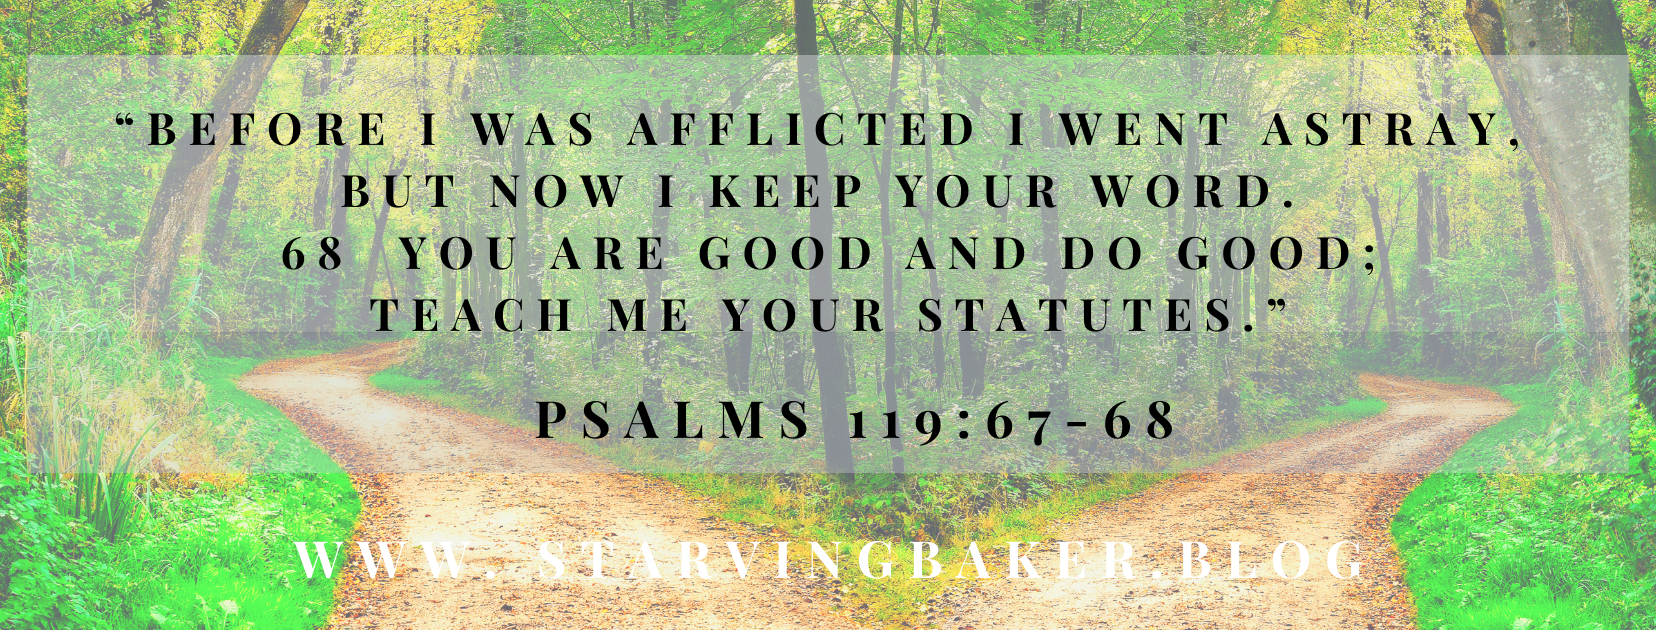 Psalms 119:67-68